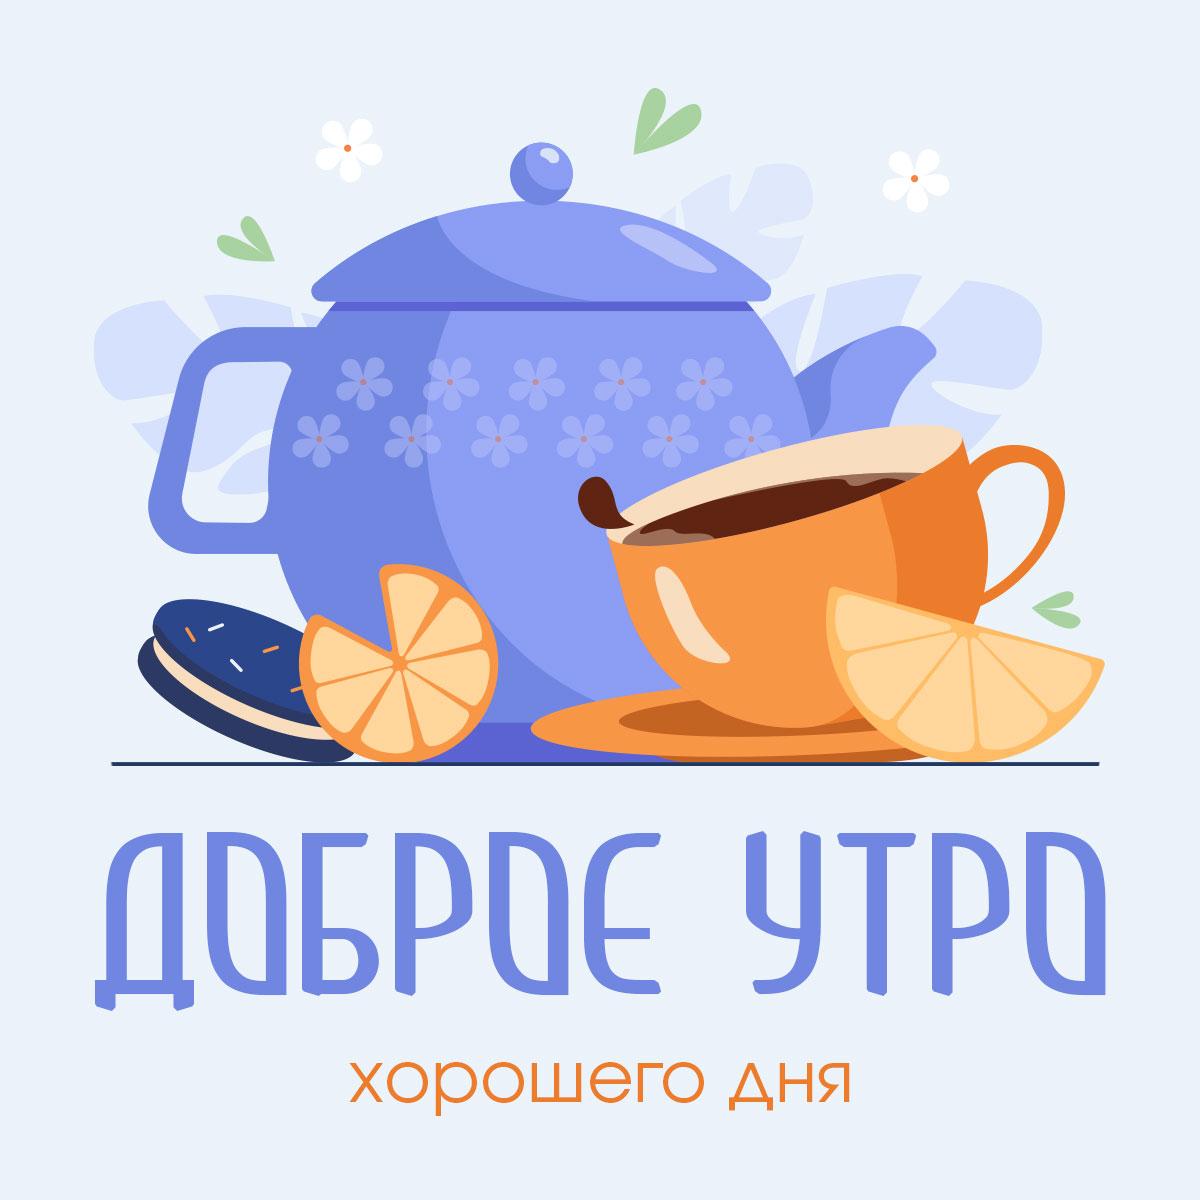 Открытка с синим чайником и надписью доброе утро хорошего дня.